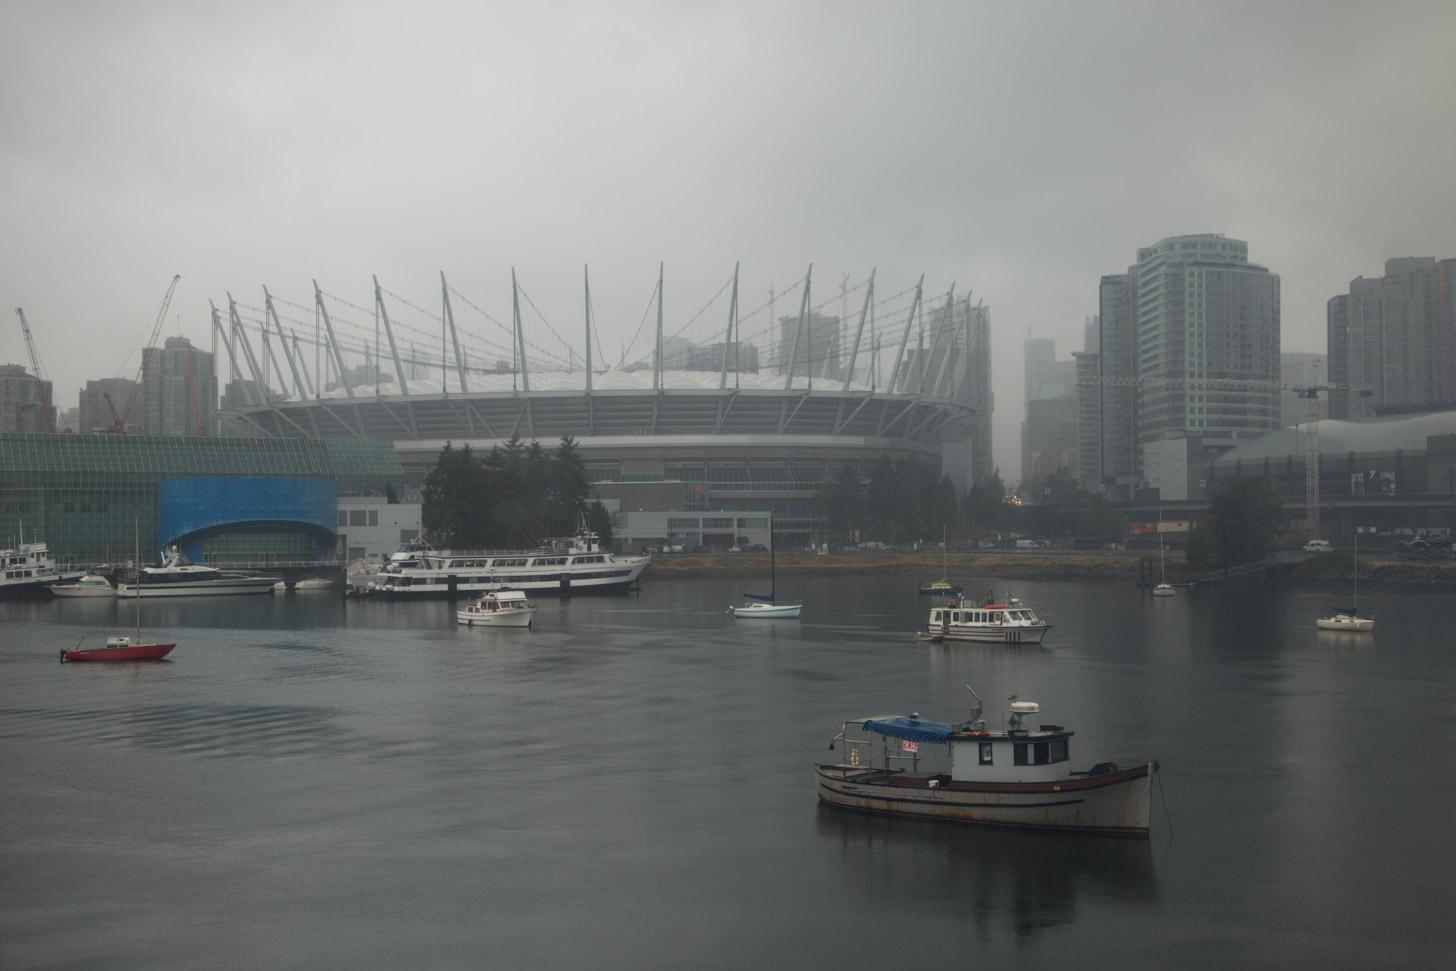 Regenachtig en bewolkt weer in Vancouver